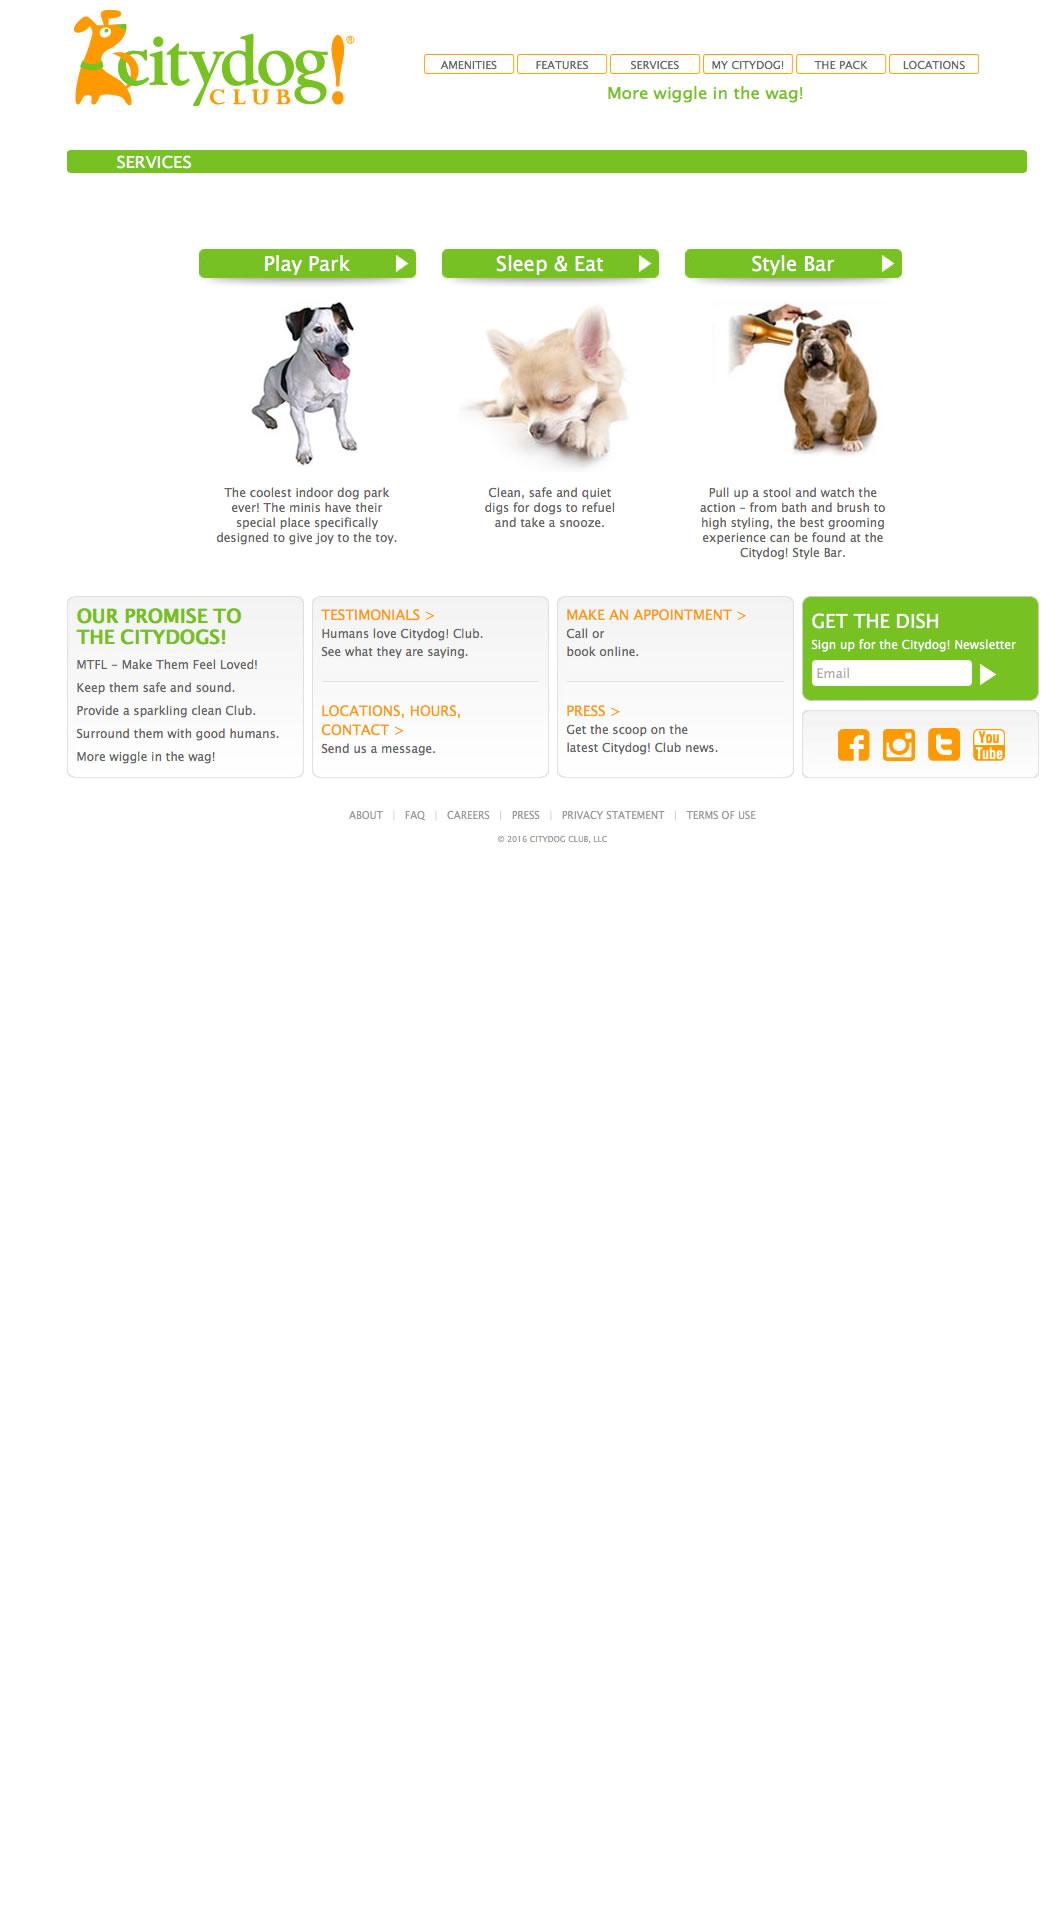 Citydog! Club Services Page